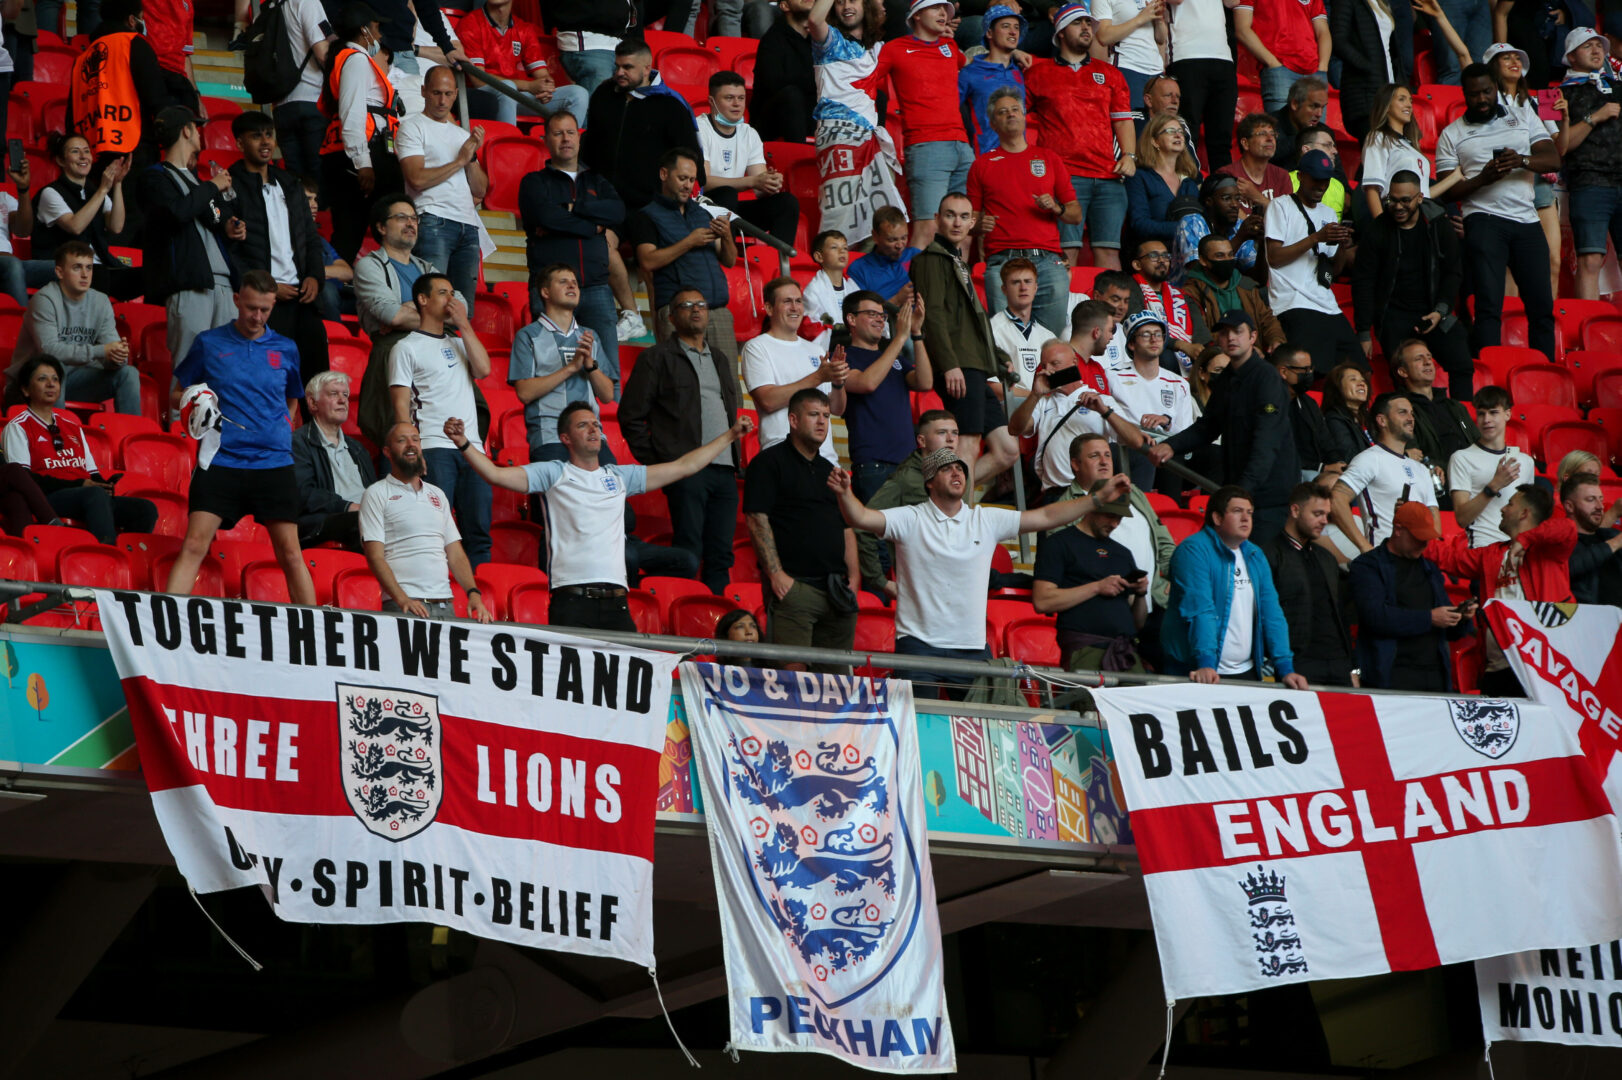 Nach Laserpointer-Störung: UEFA ermittelt gegen England